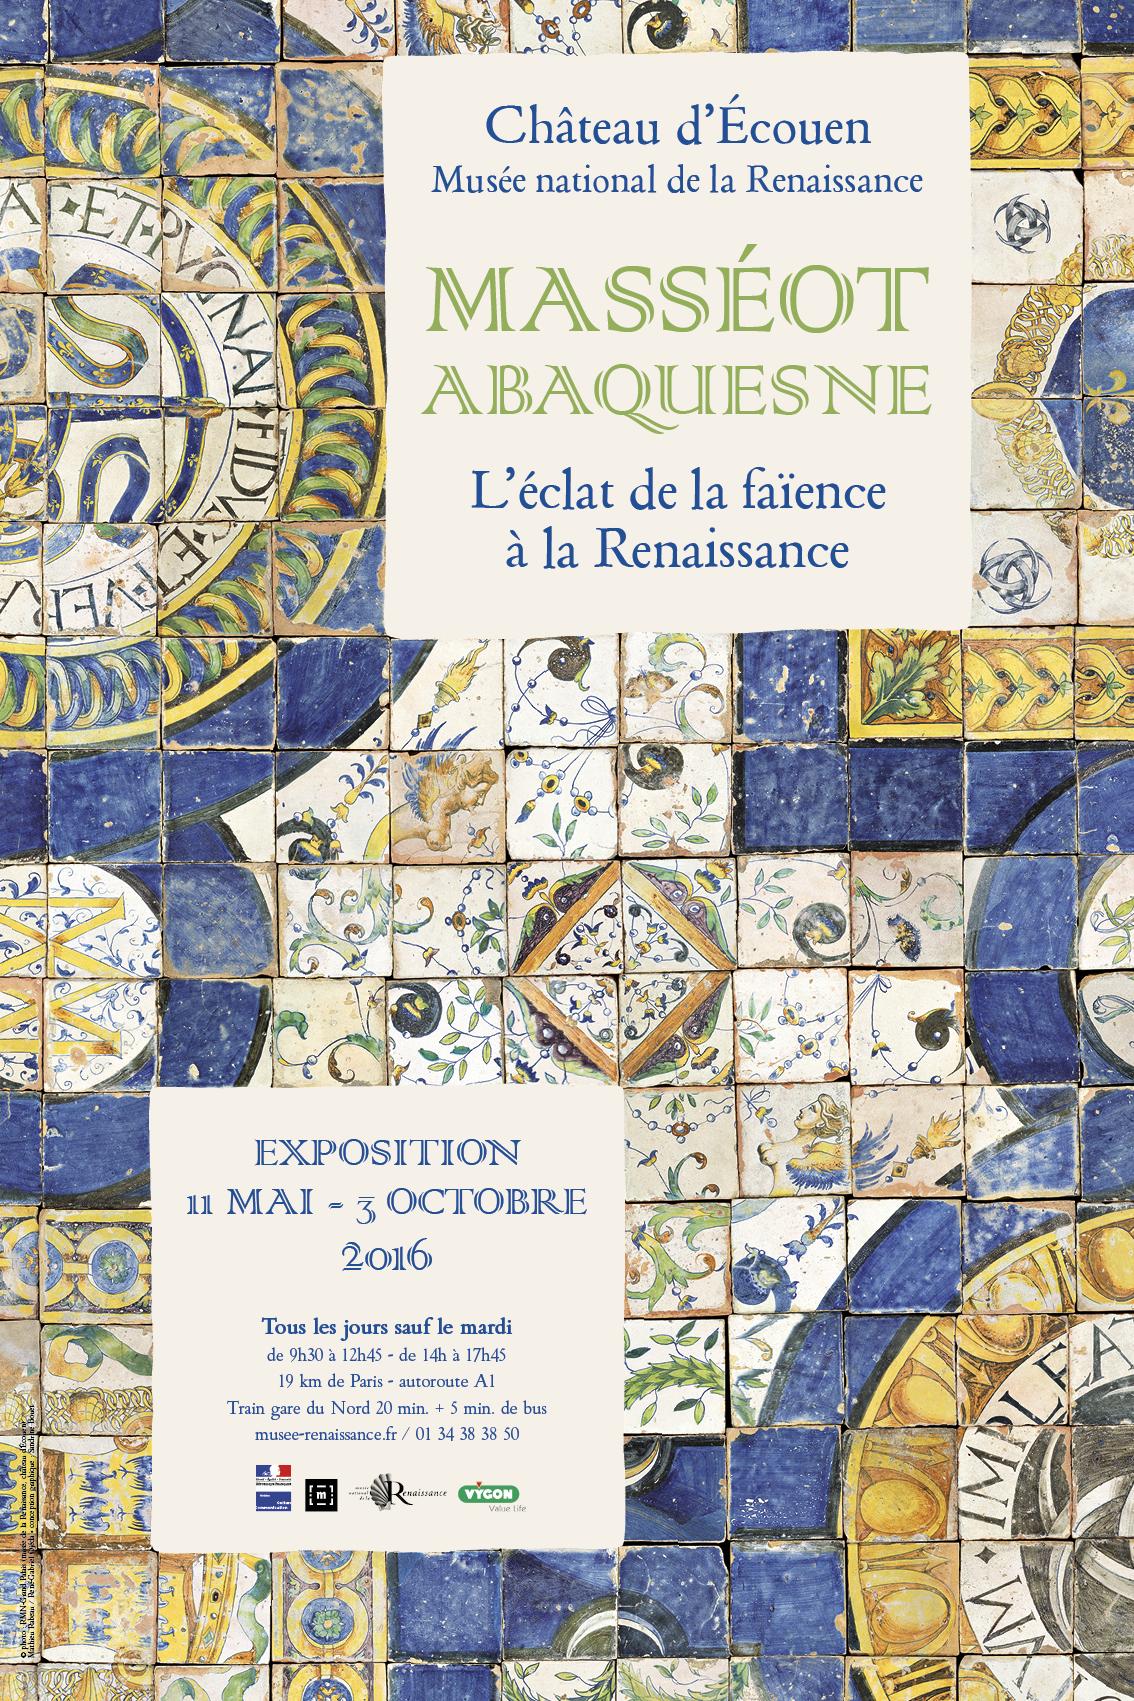 Affiche exposition Masséot Abaquesne 2016